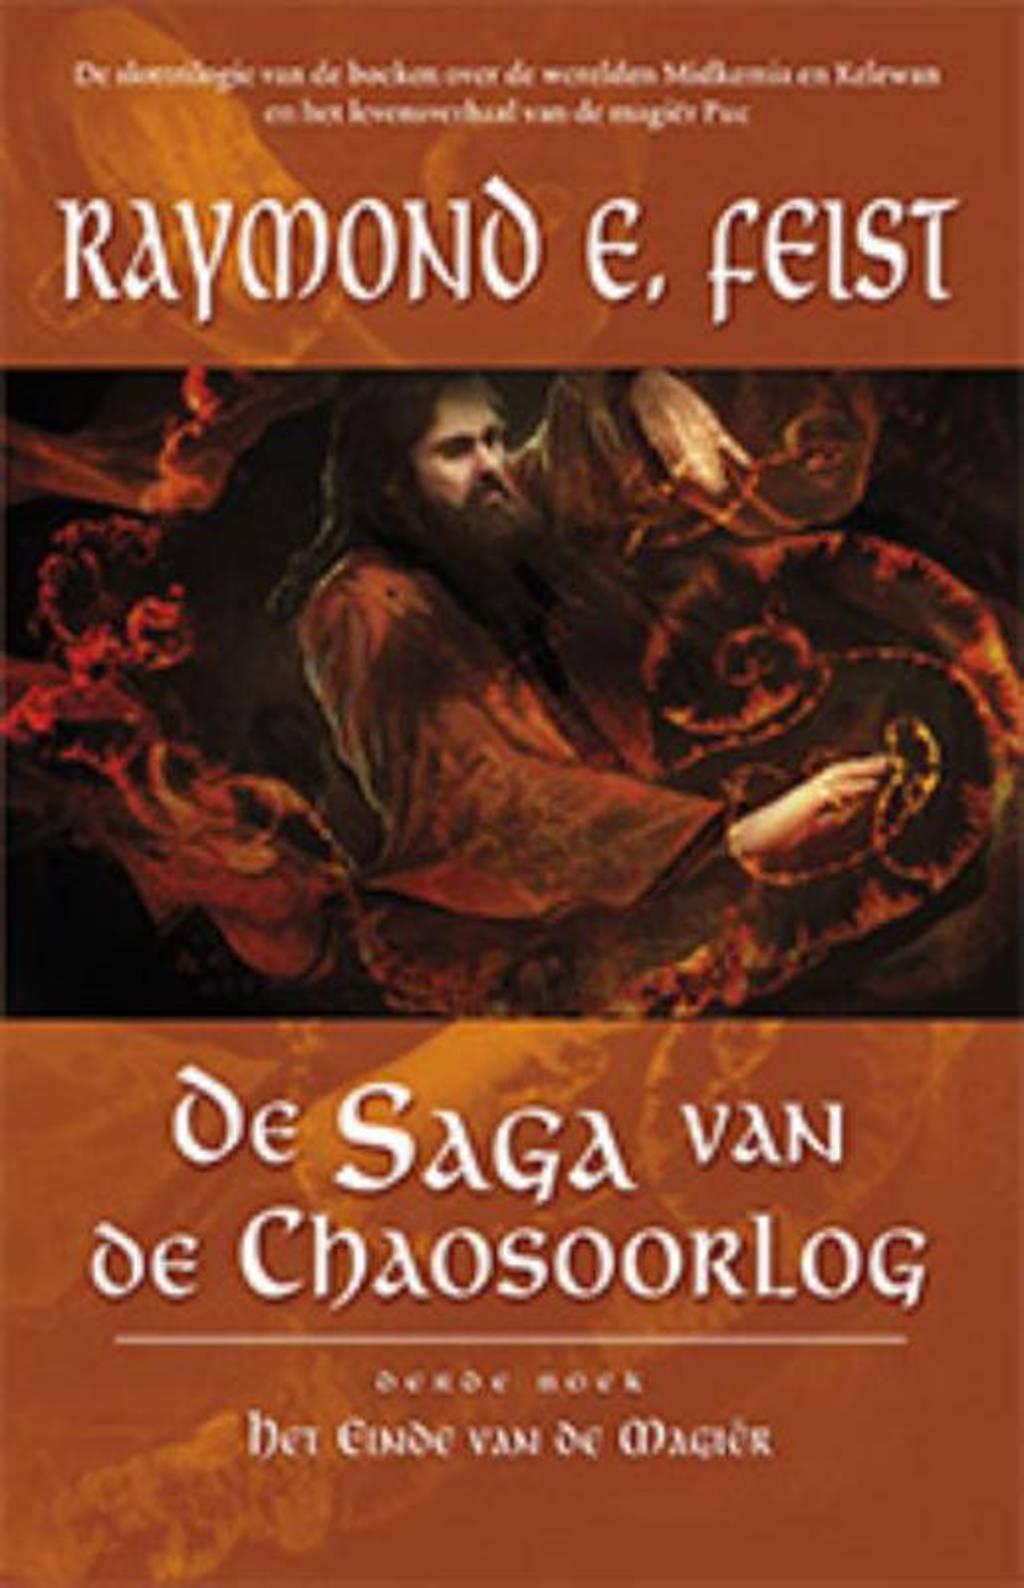 De saga van de chaosoorlog: Het einde van de magiërs - Raymond. E. Feist